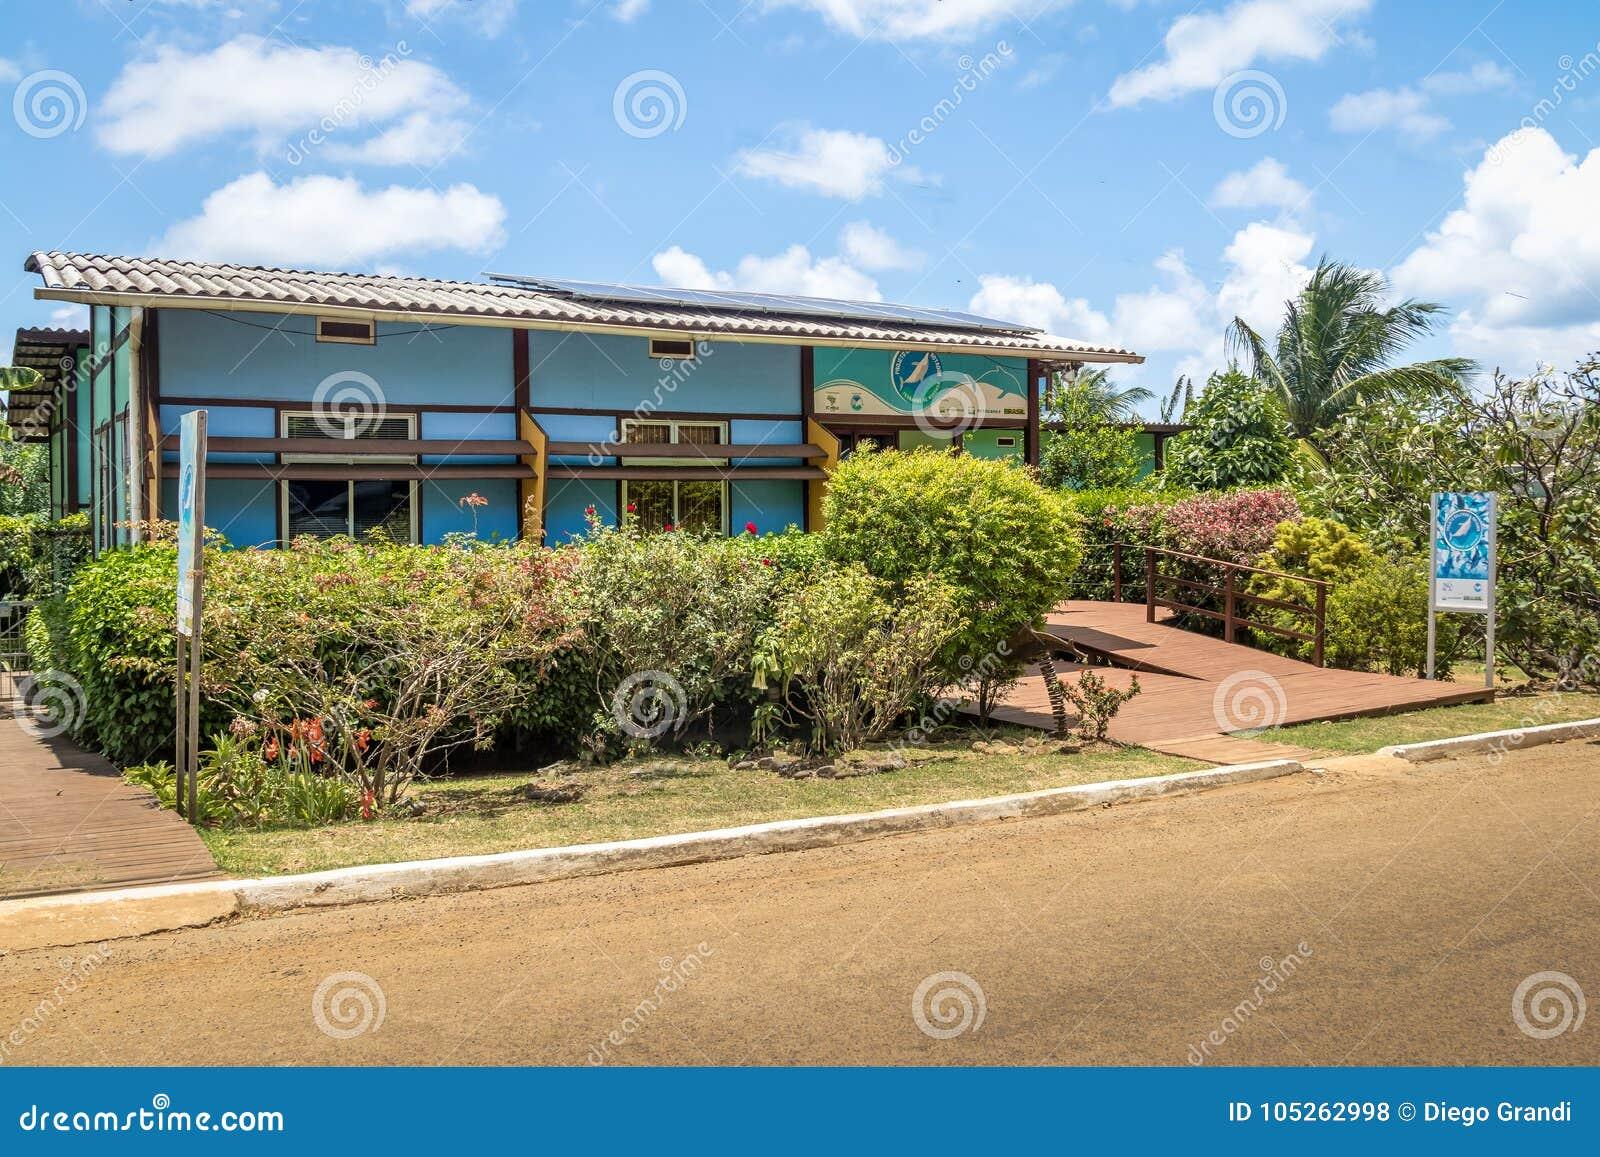 Spinner-Delphin-Projekt-Hauptsitze Golfinho Rotador an Boldro-Dorf - Fernando de Noronha, Pernambuco, Brasilien